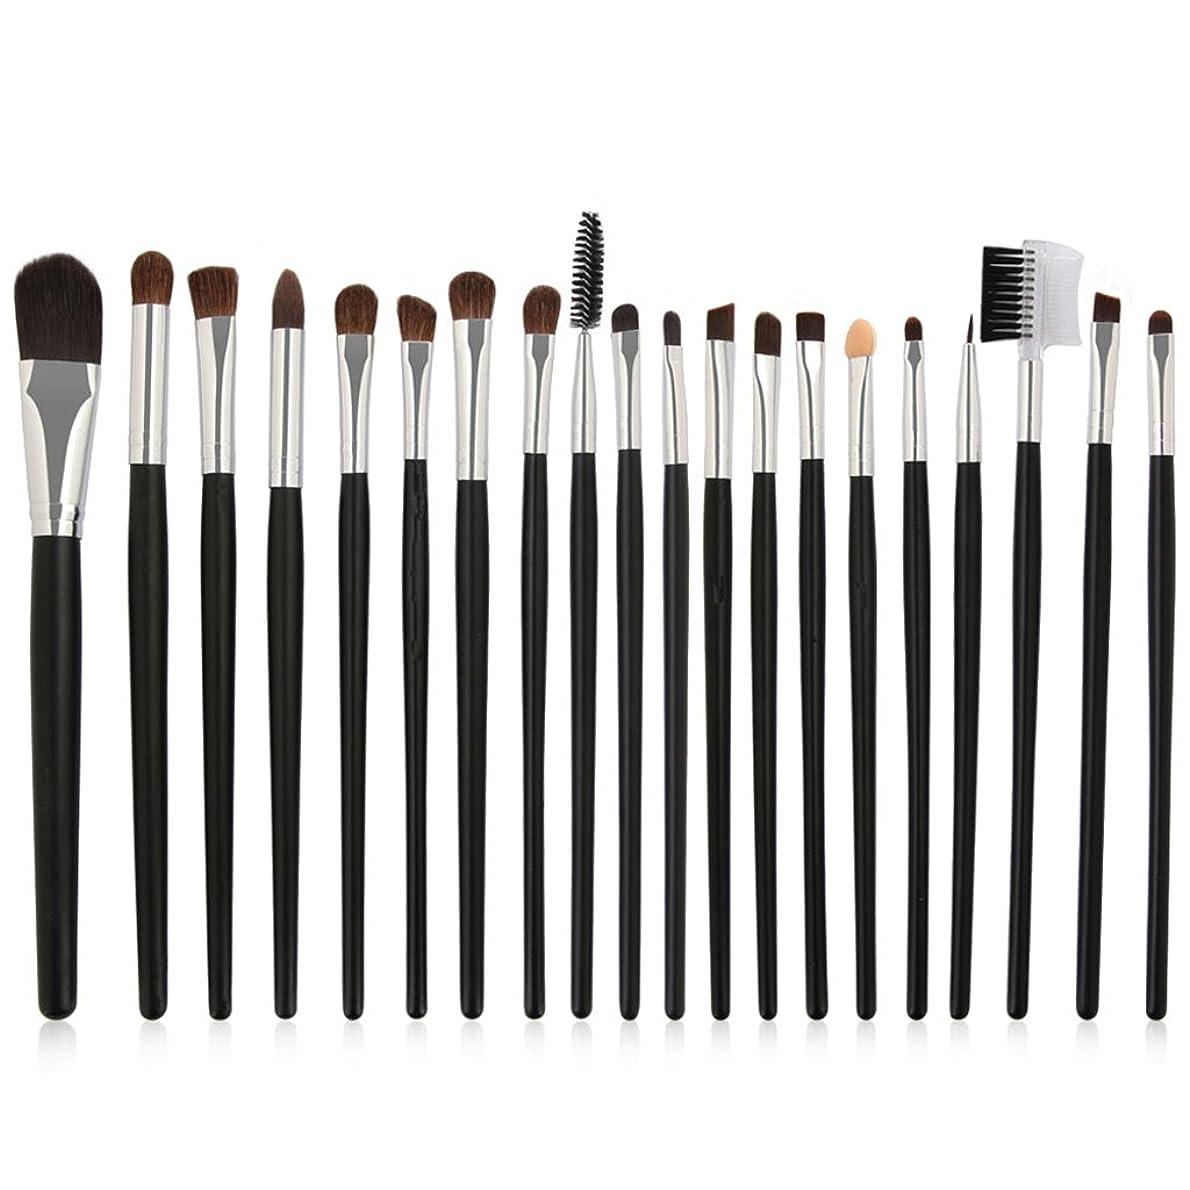 一生ロケット可塑性Keriya Sende 20個化粧ブラシセットブラッシュアイシャドーブラシブラック (色 : 黒)